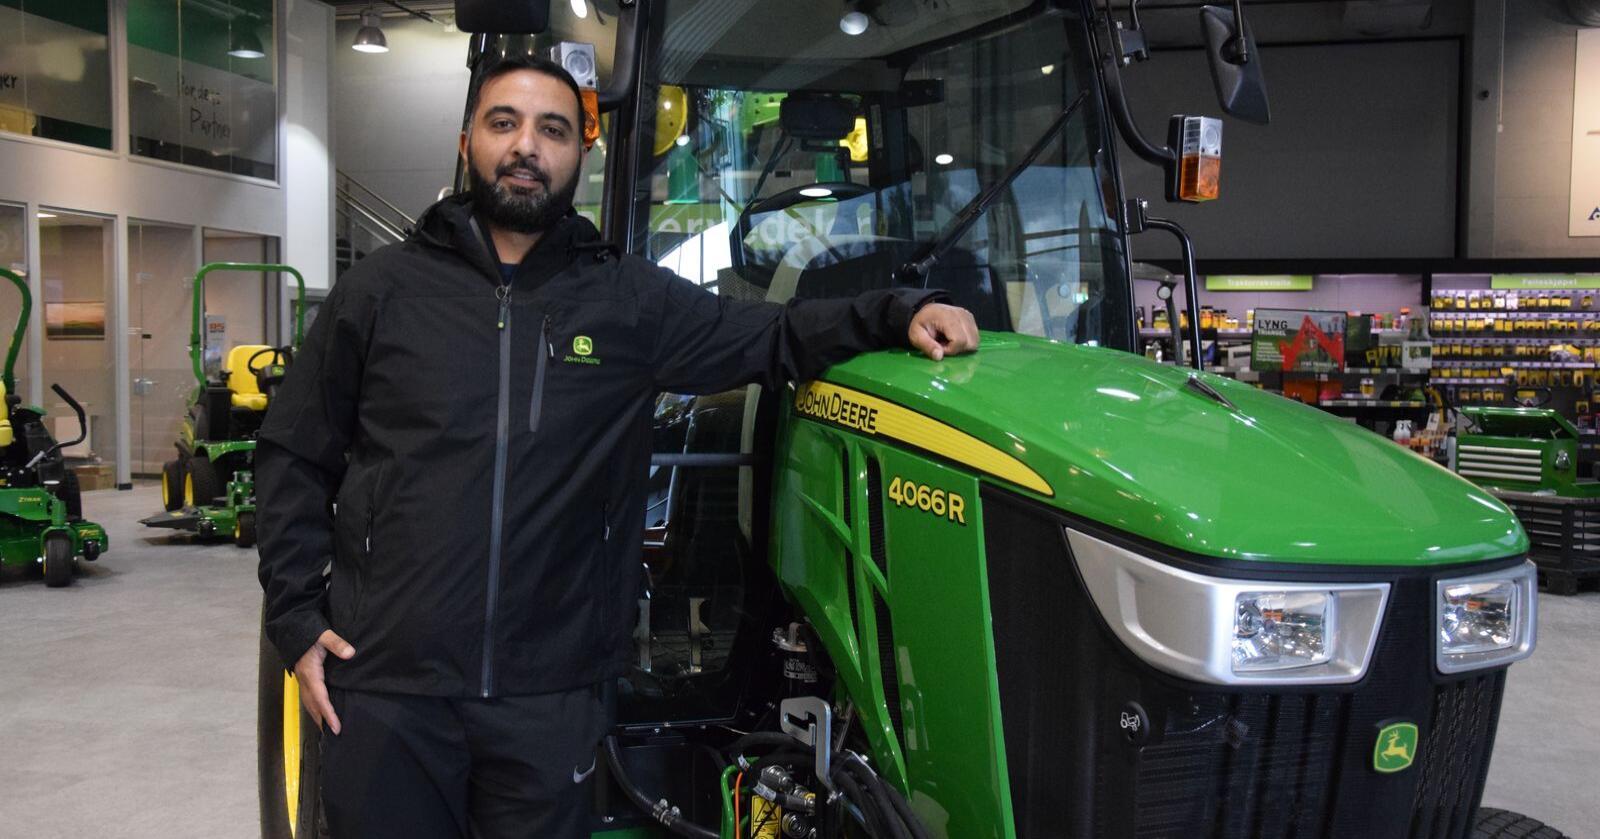 Produktsjef Syed Jawad Shah viser fram en av John Deeres kompakttraktorer som nå tilfredsstiller de strengeste utslippskravene.